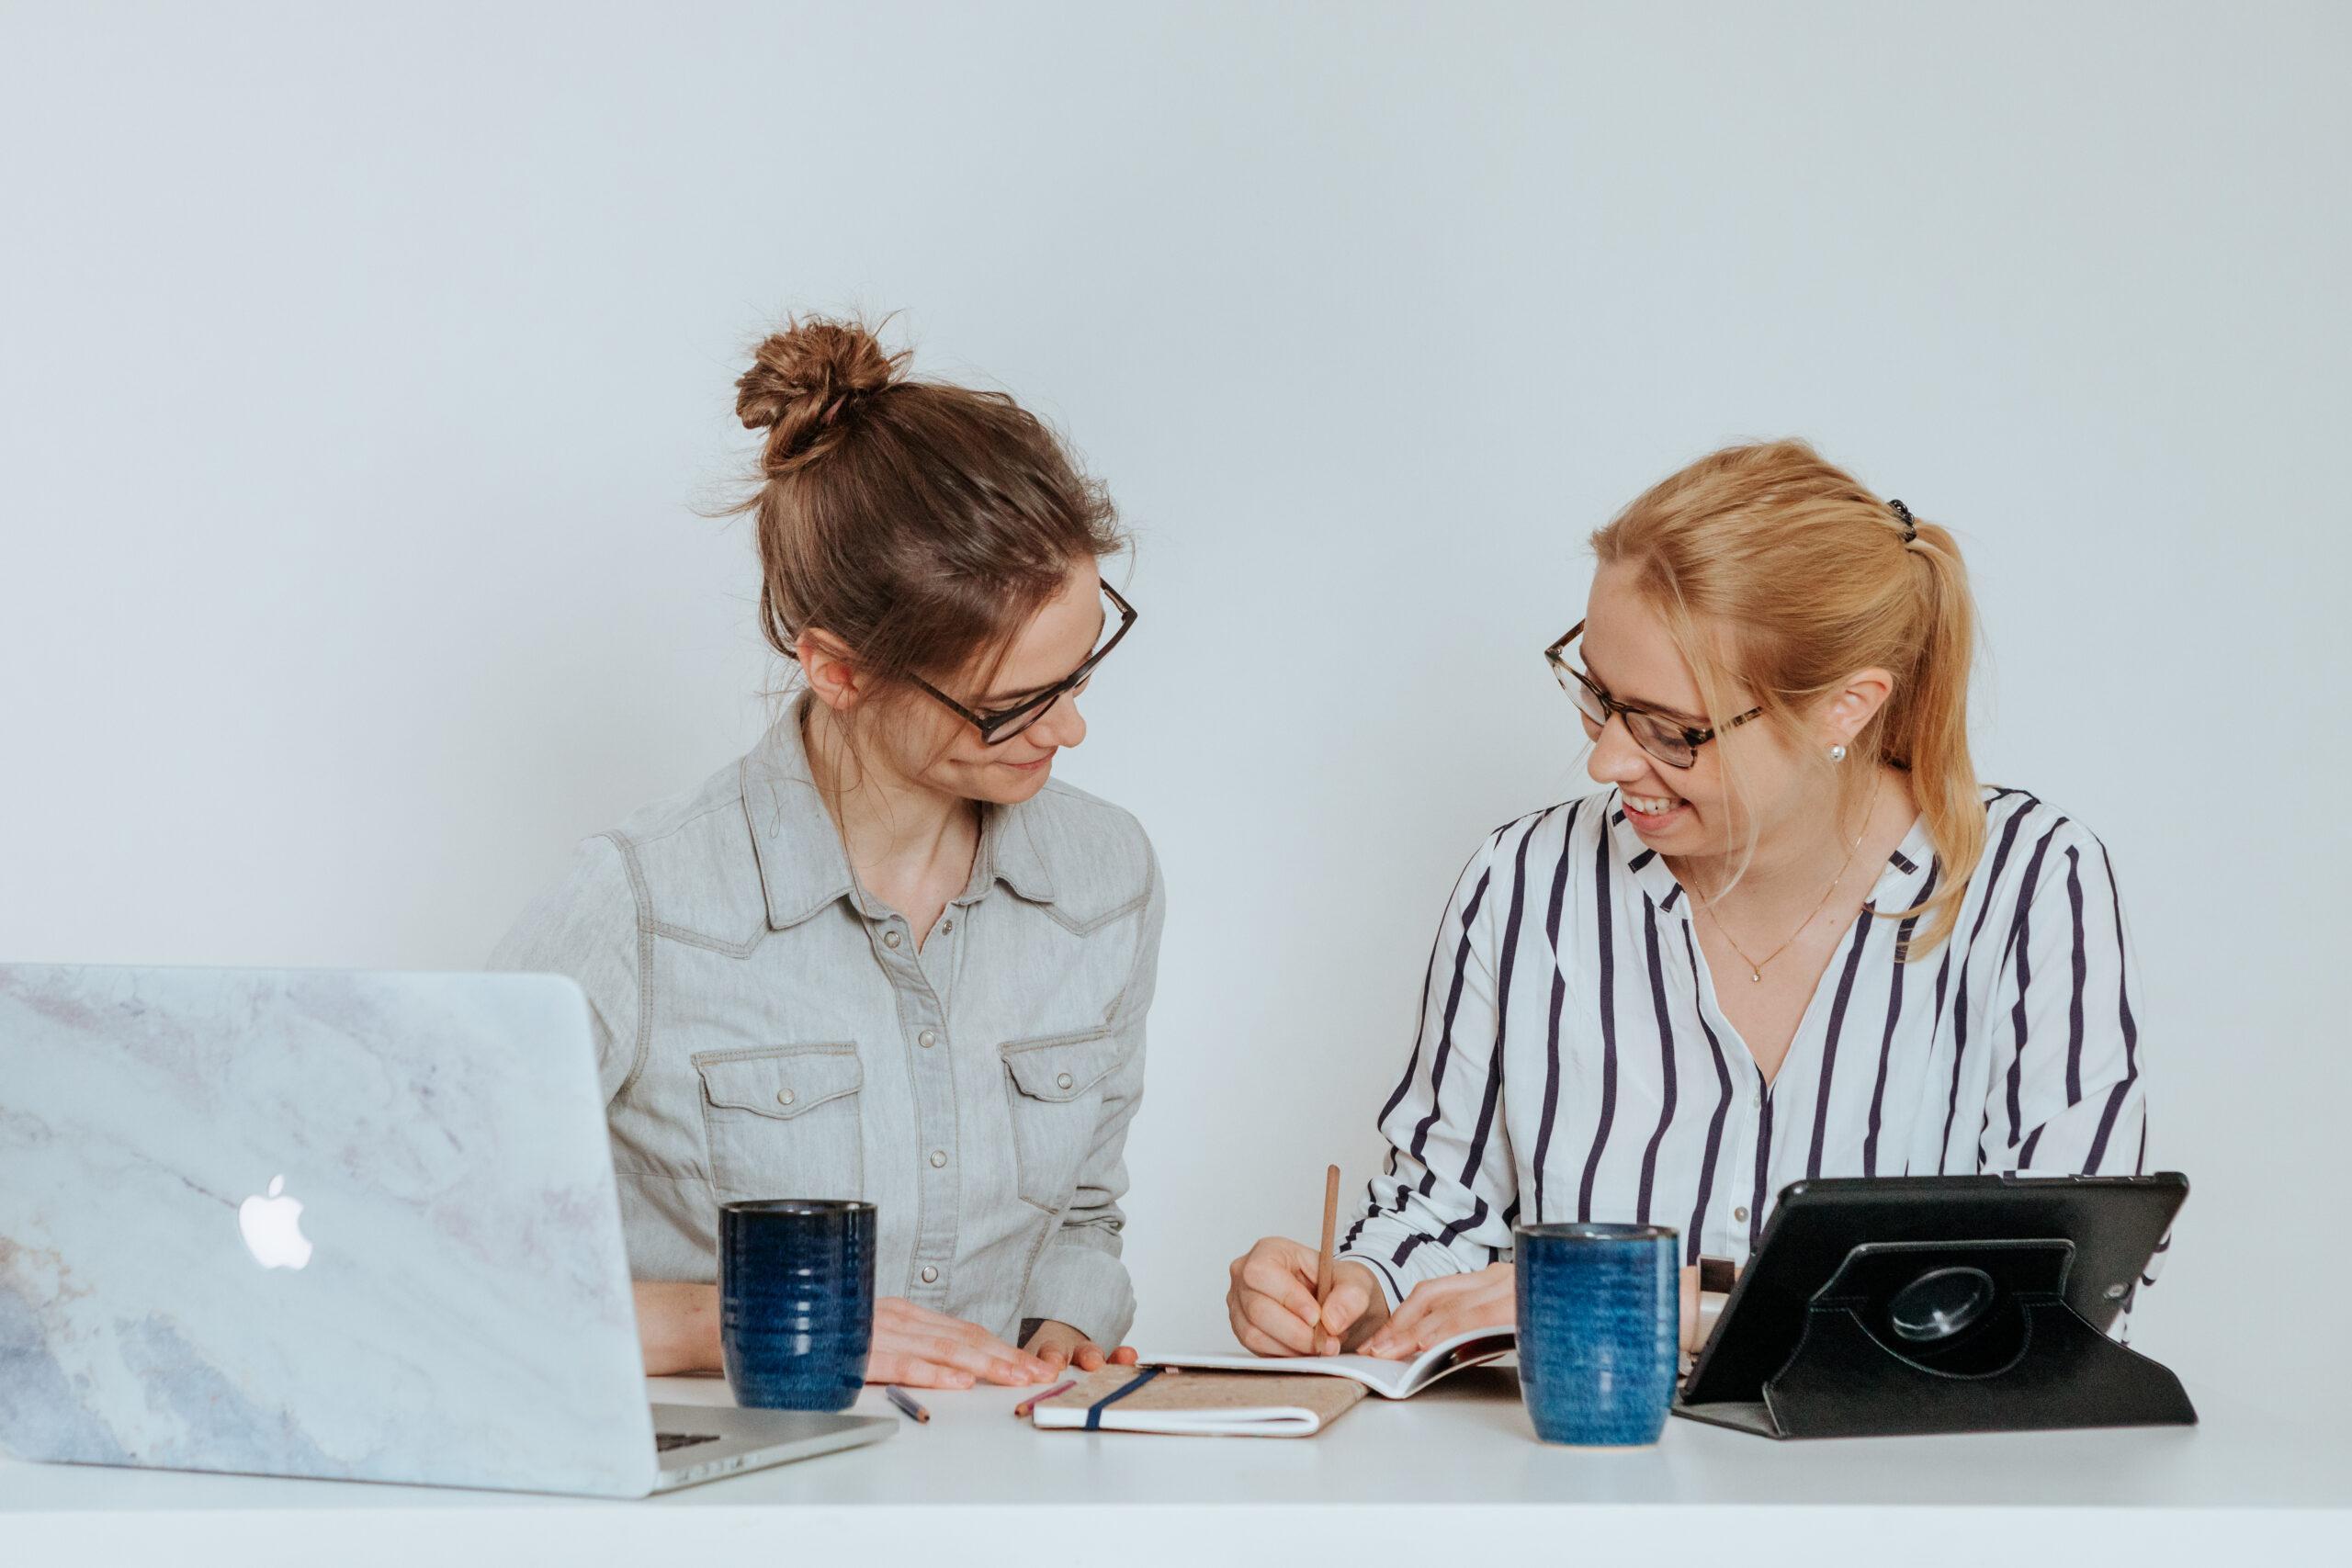 Sara und Sarah sitzen an einem Schreibtisch und schauen gemeinsam auf Unterlagen.